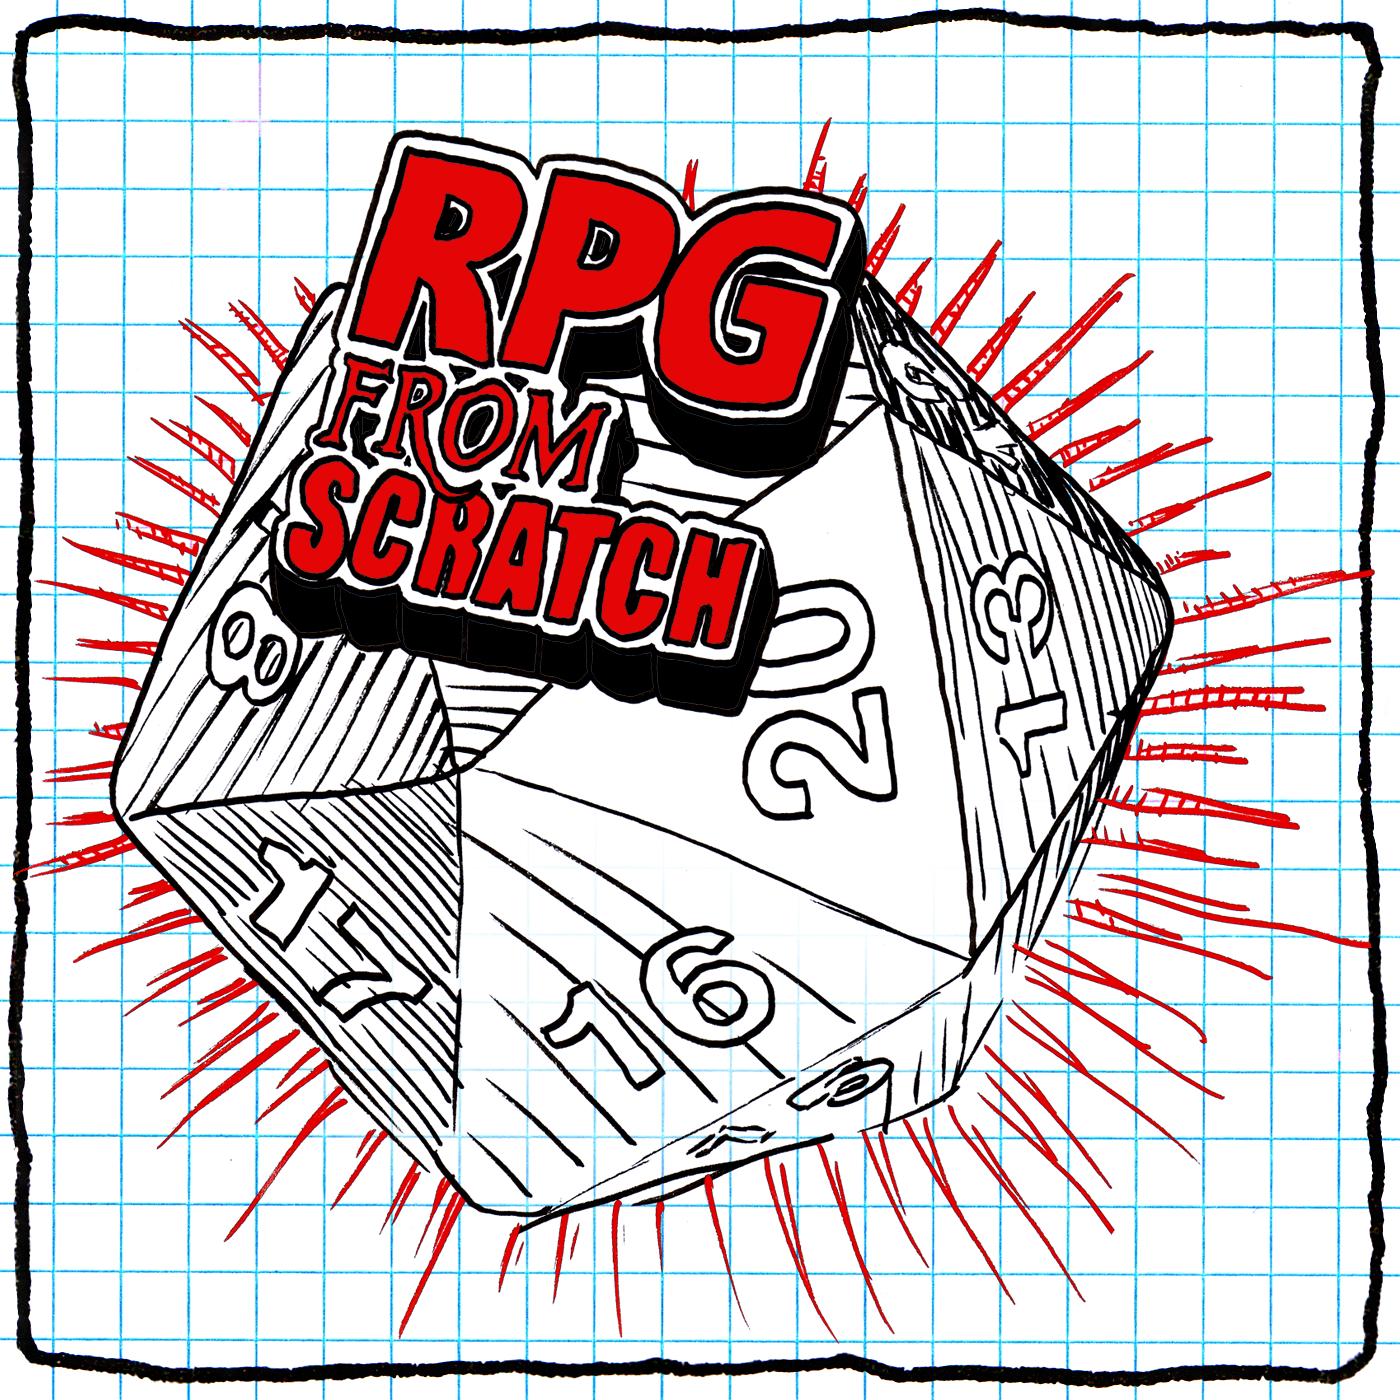 RPG from scratch v2